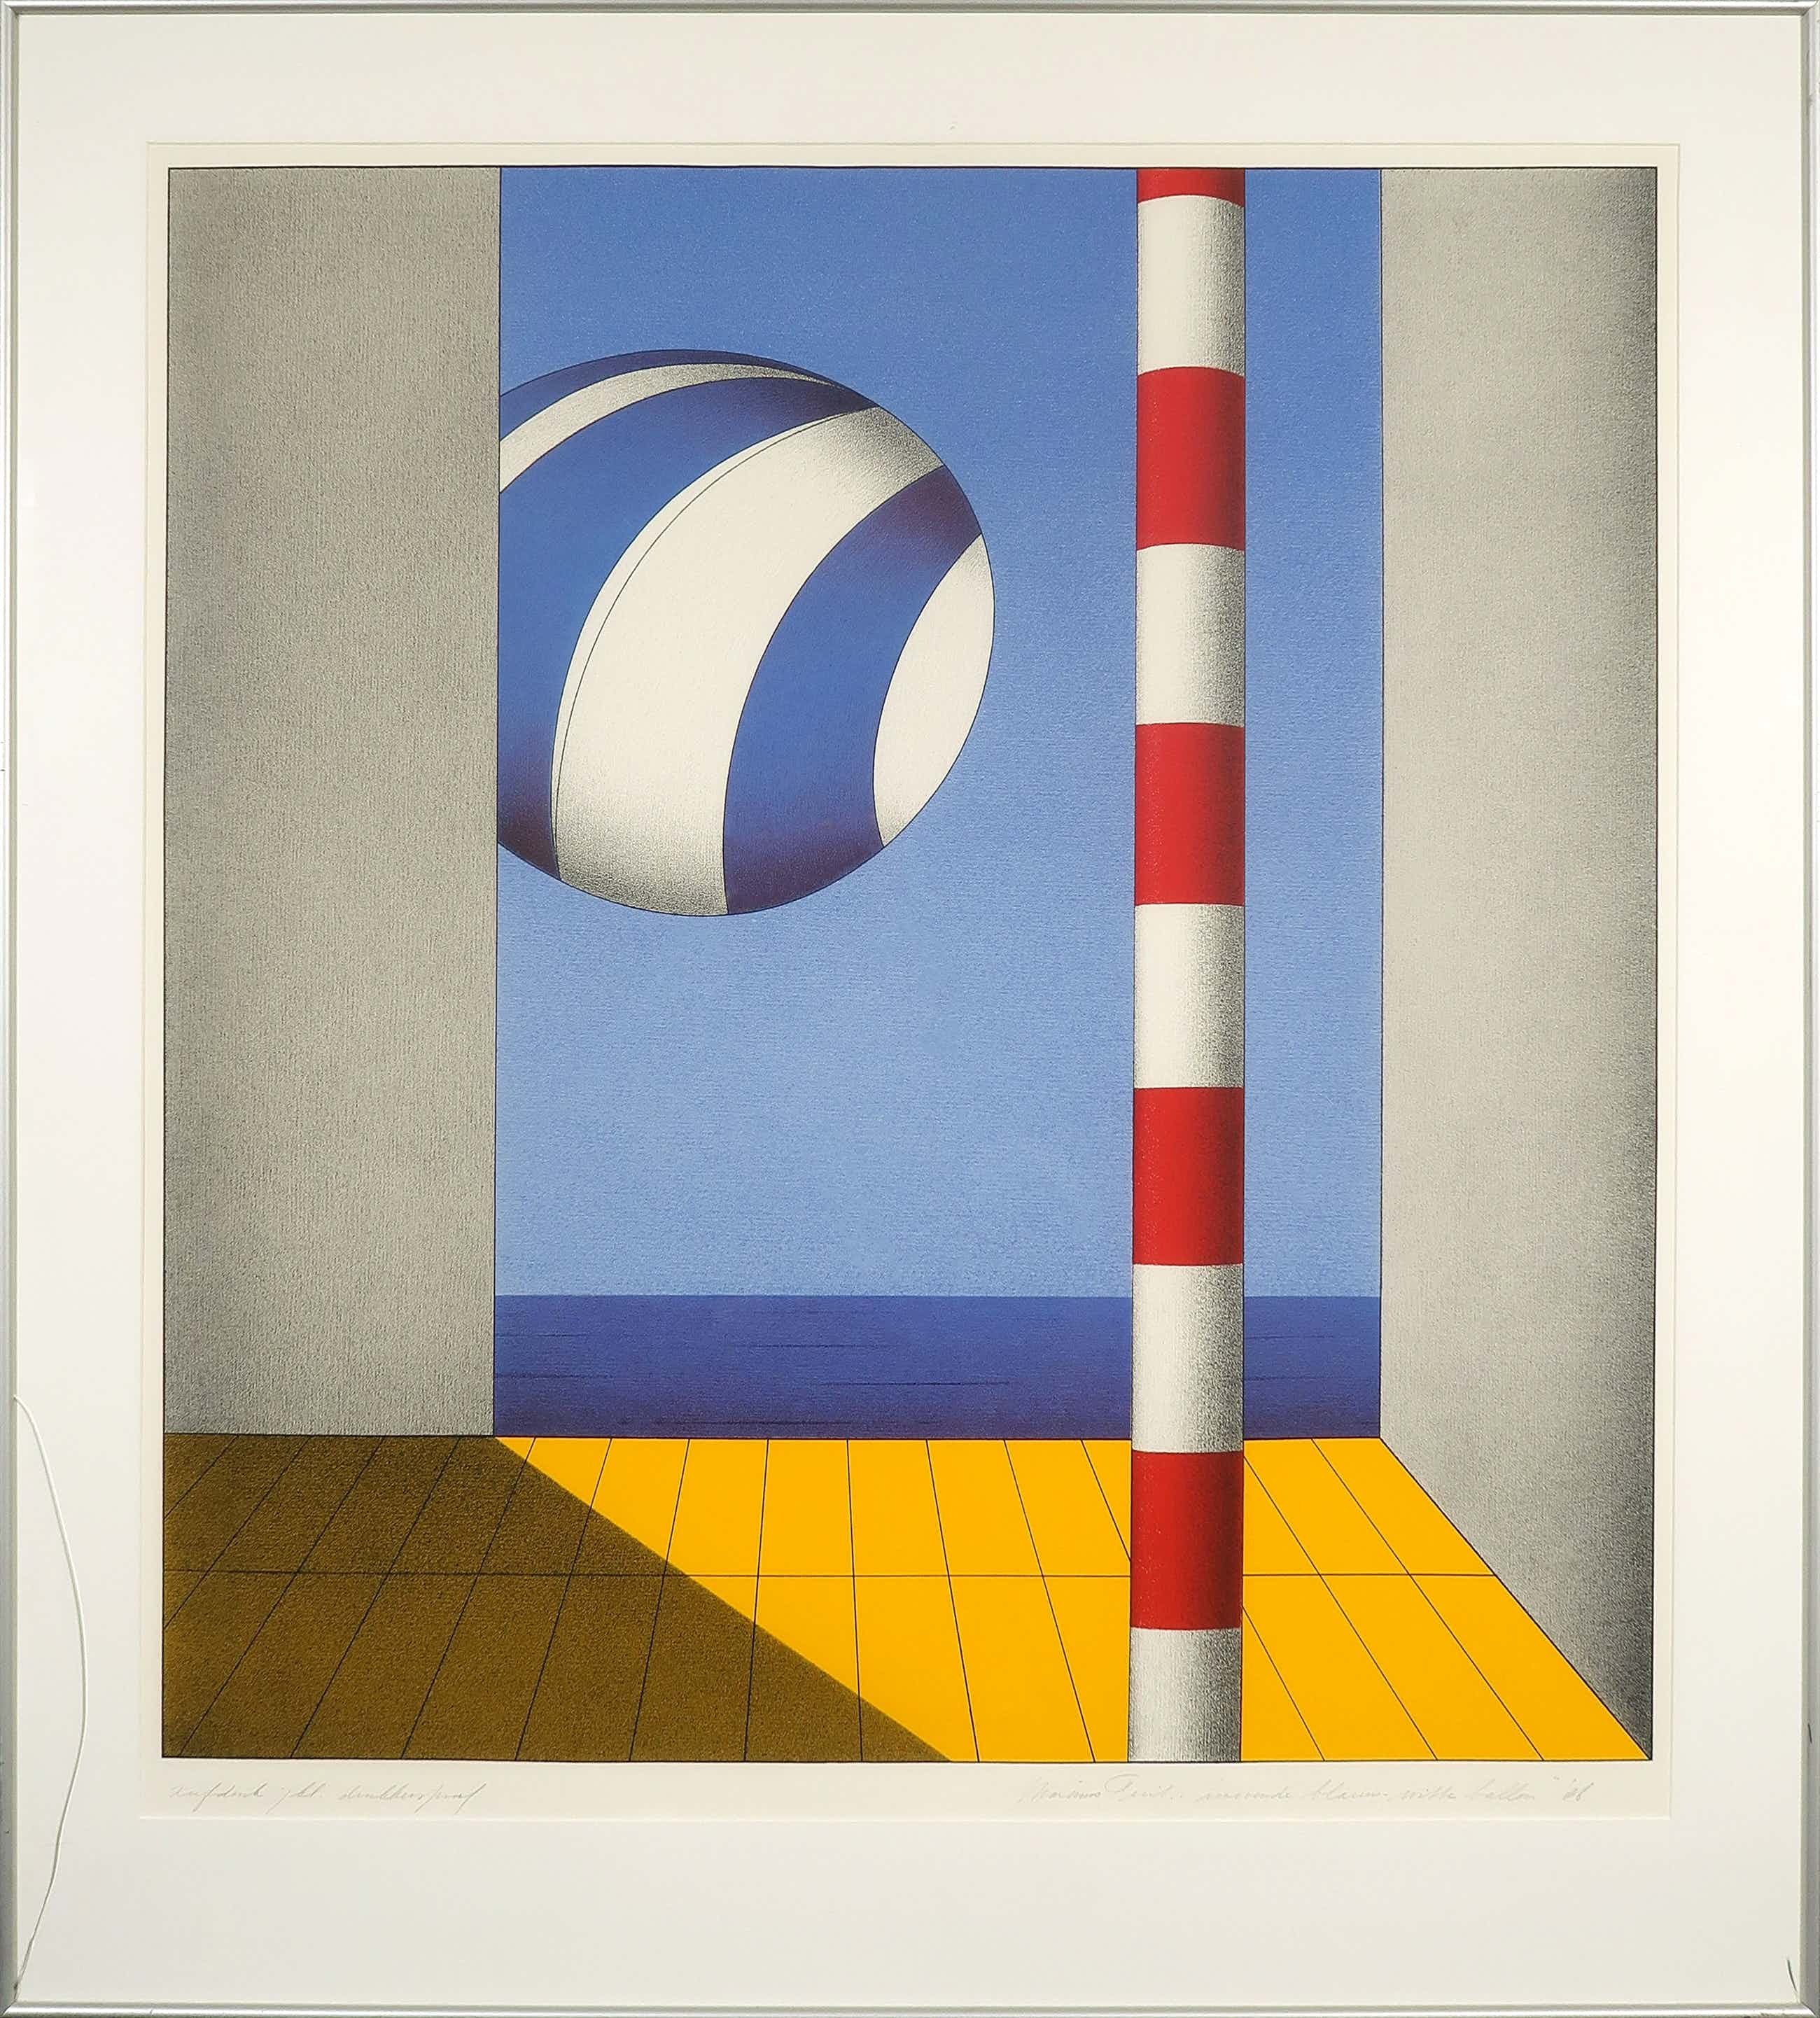 Marinus Fuit - Zeefdruk, Zwevende blauw-witte ballon - Ingelijst (Groot) kopen? Bied vanaf 85!